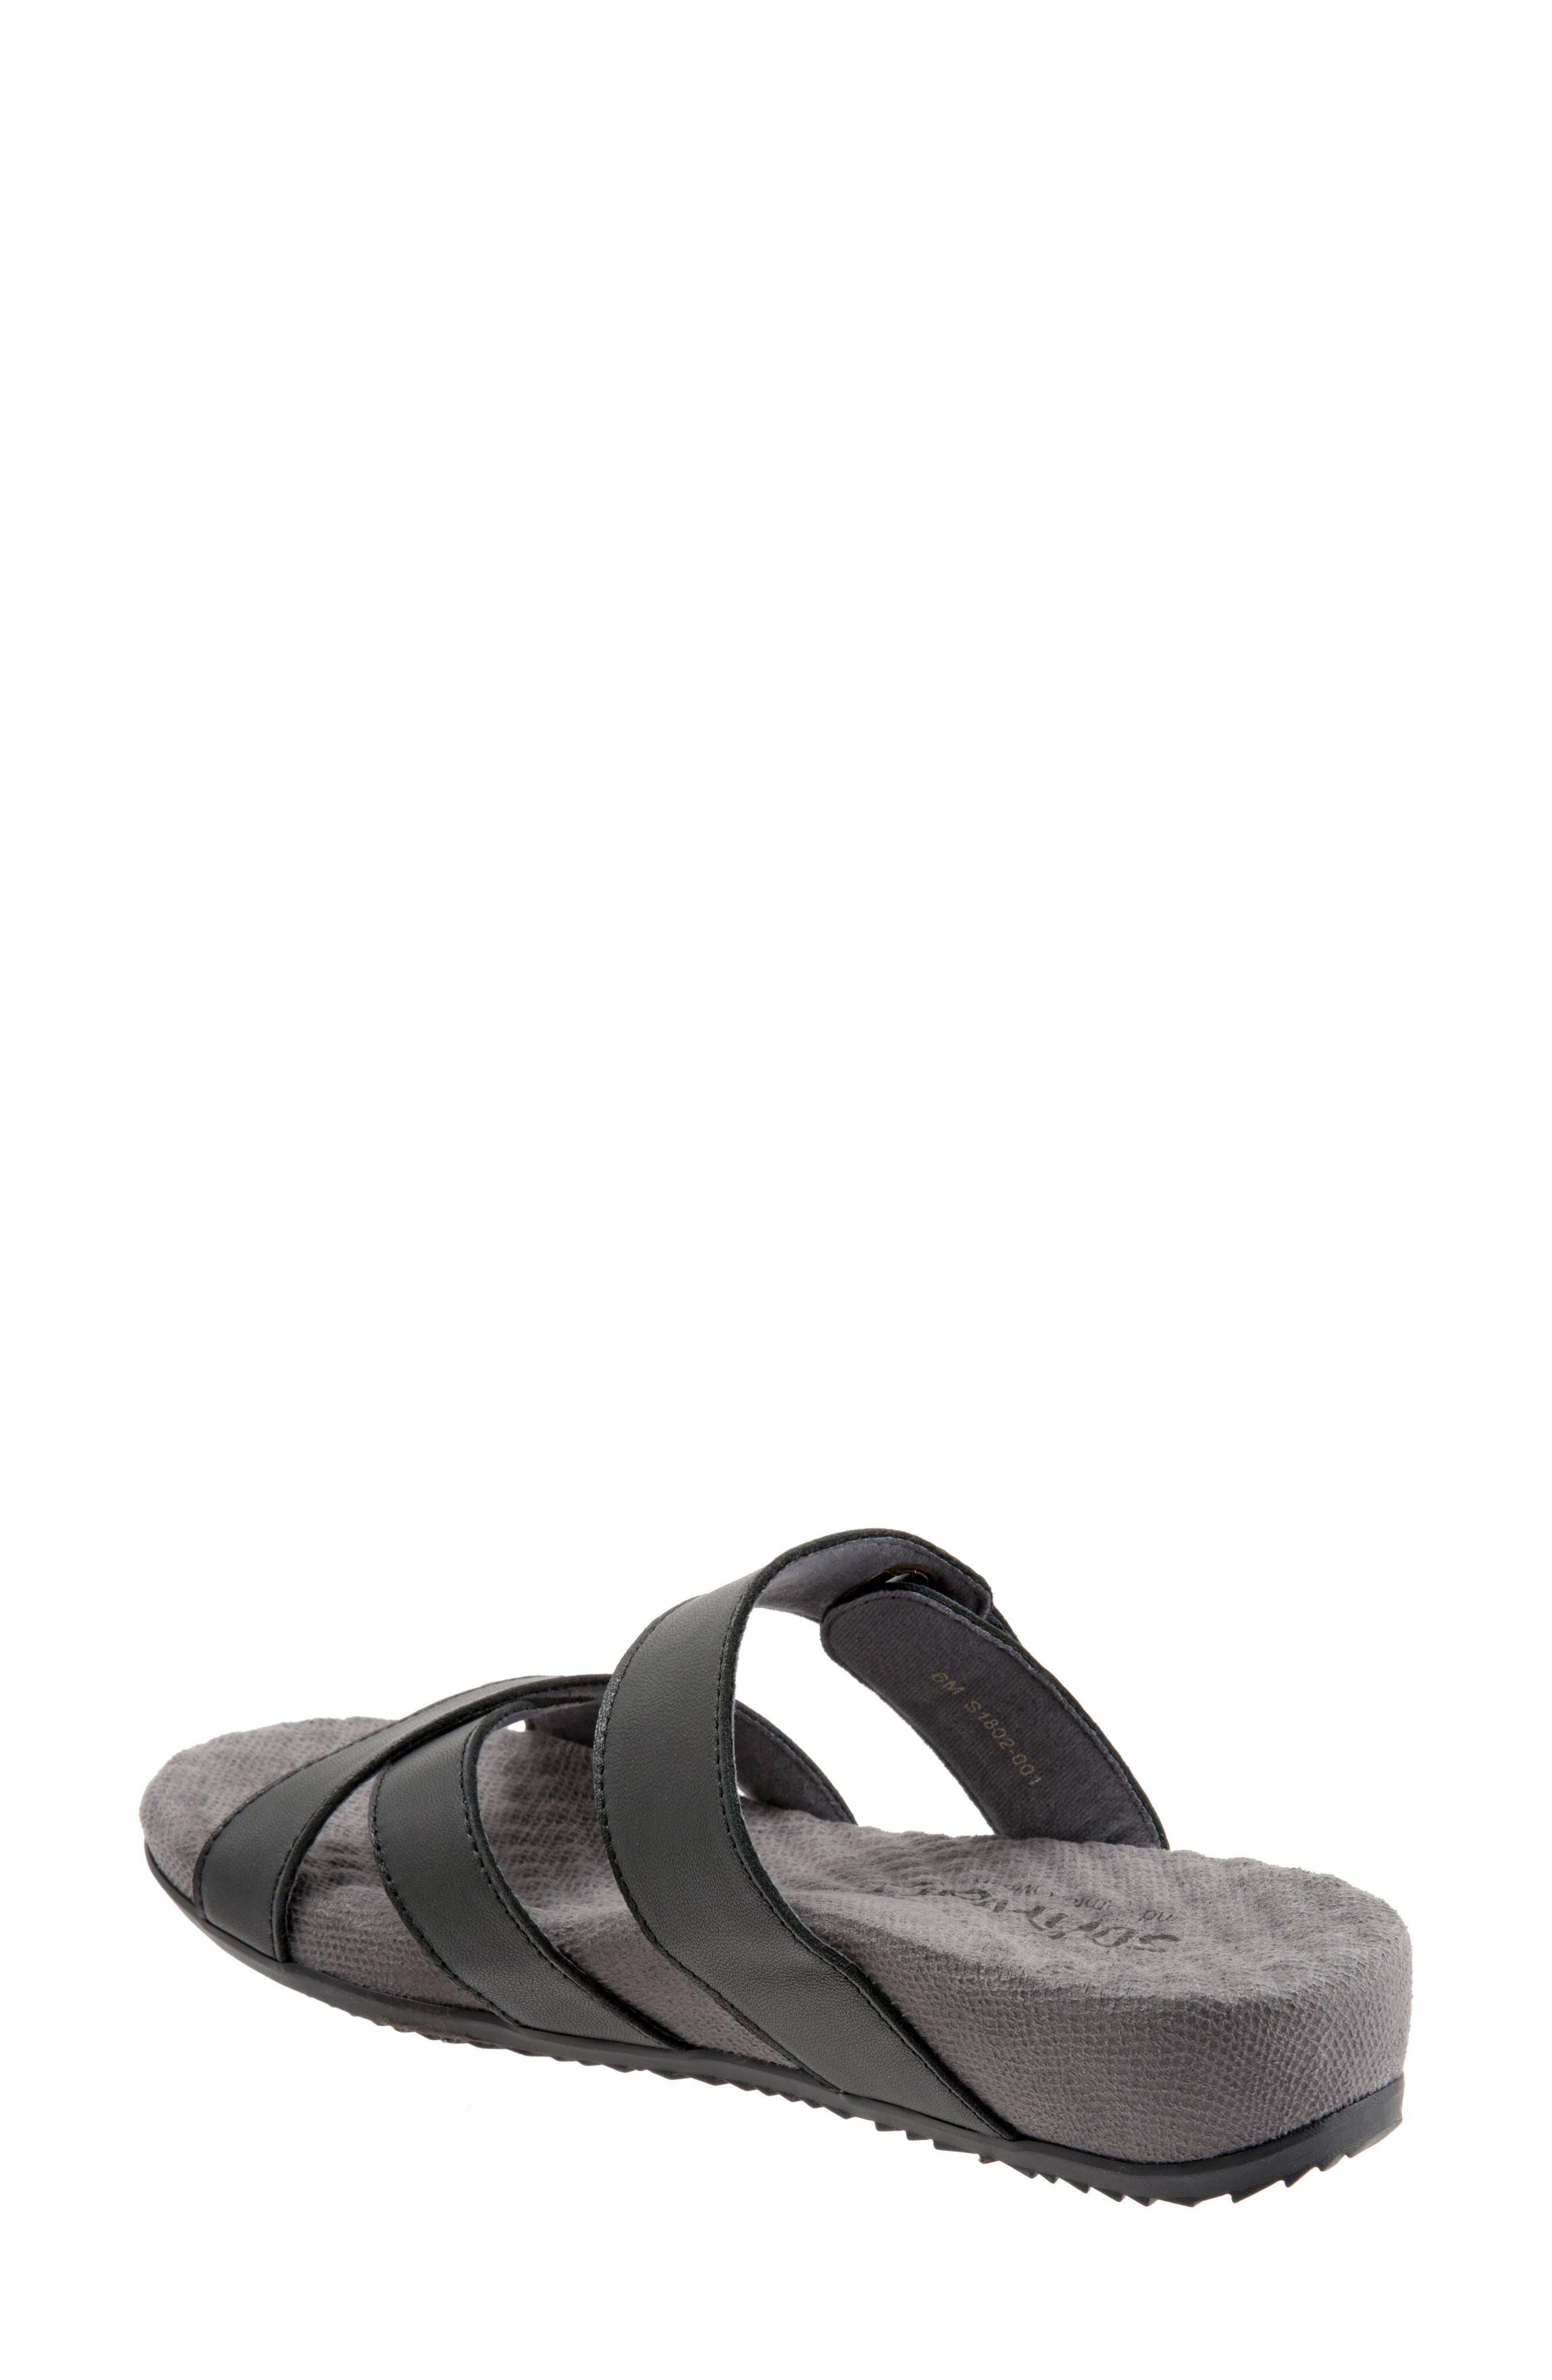 3b1a041592df Women s Softwalk® Sandals